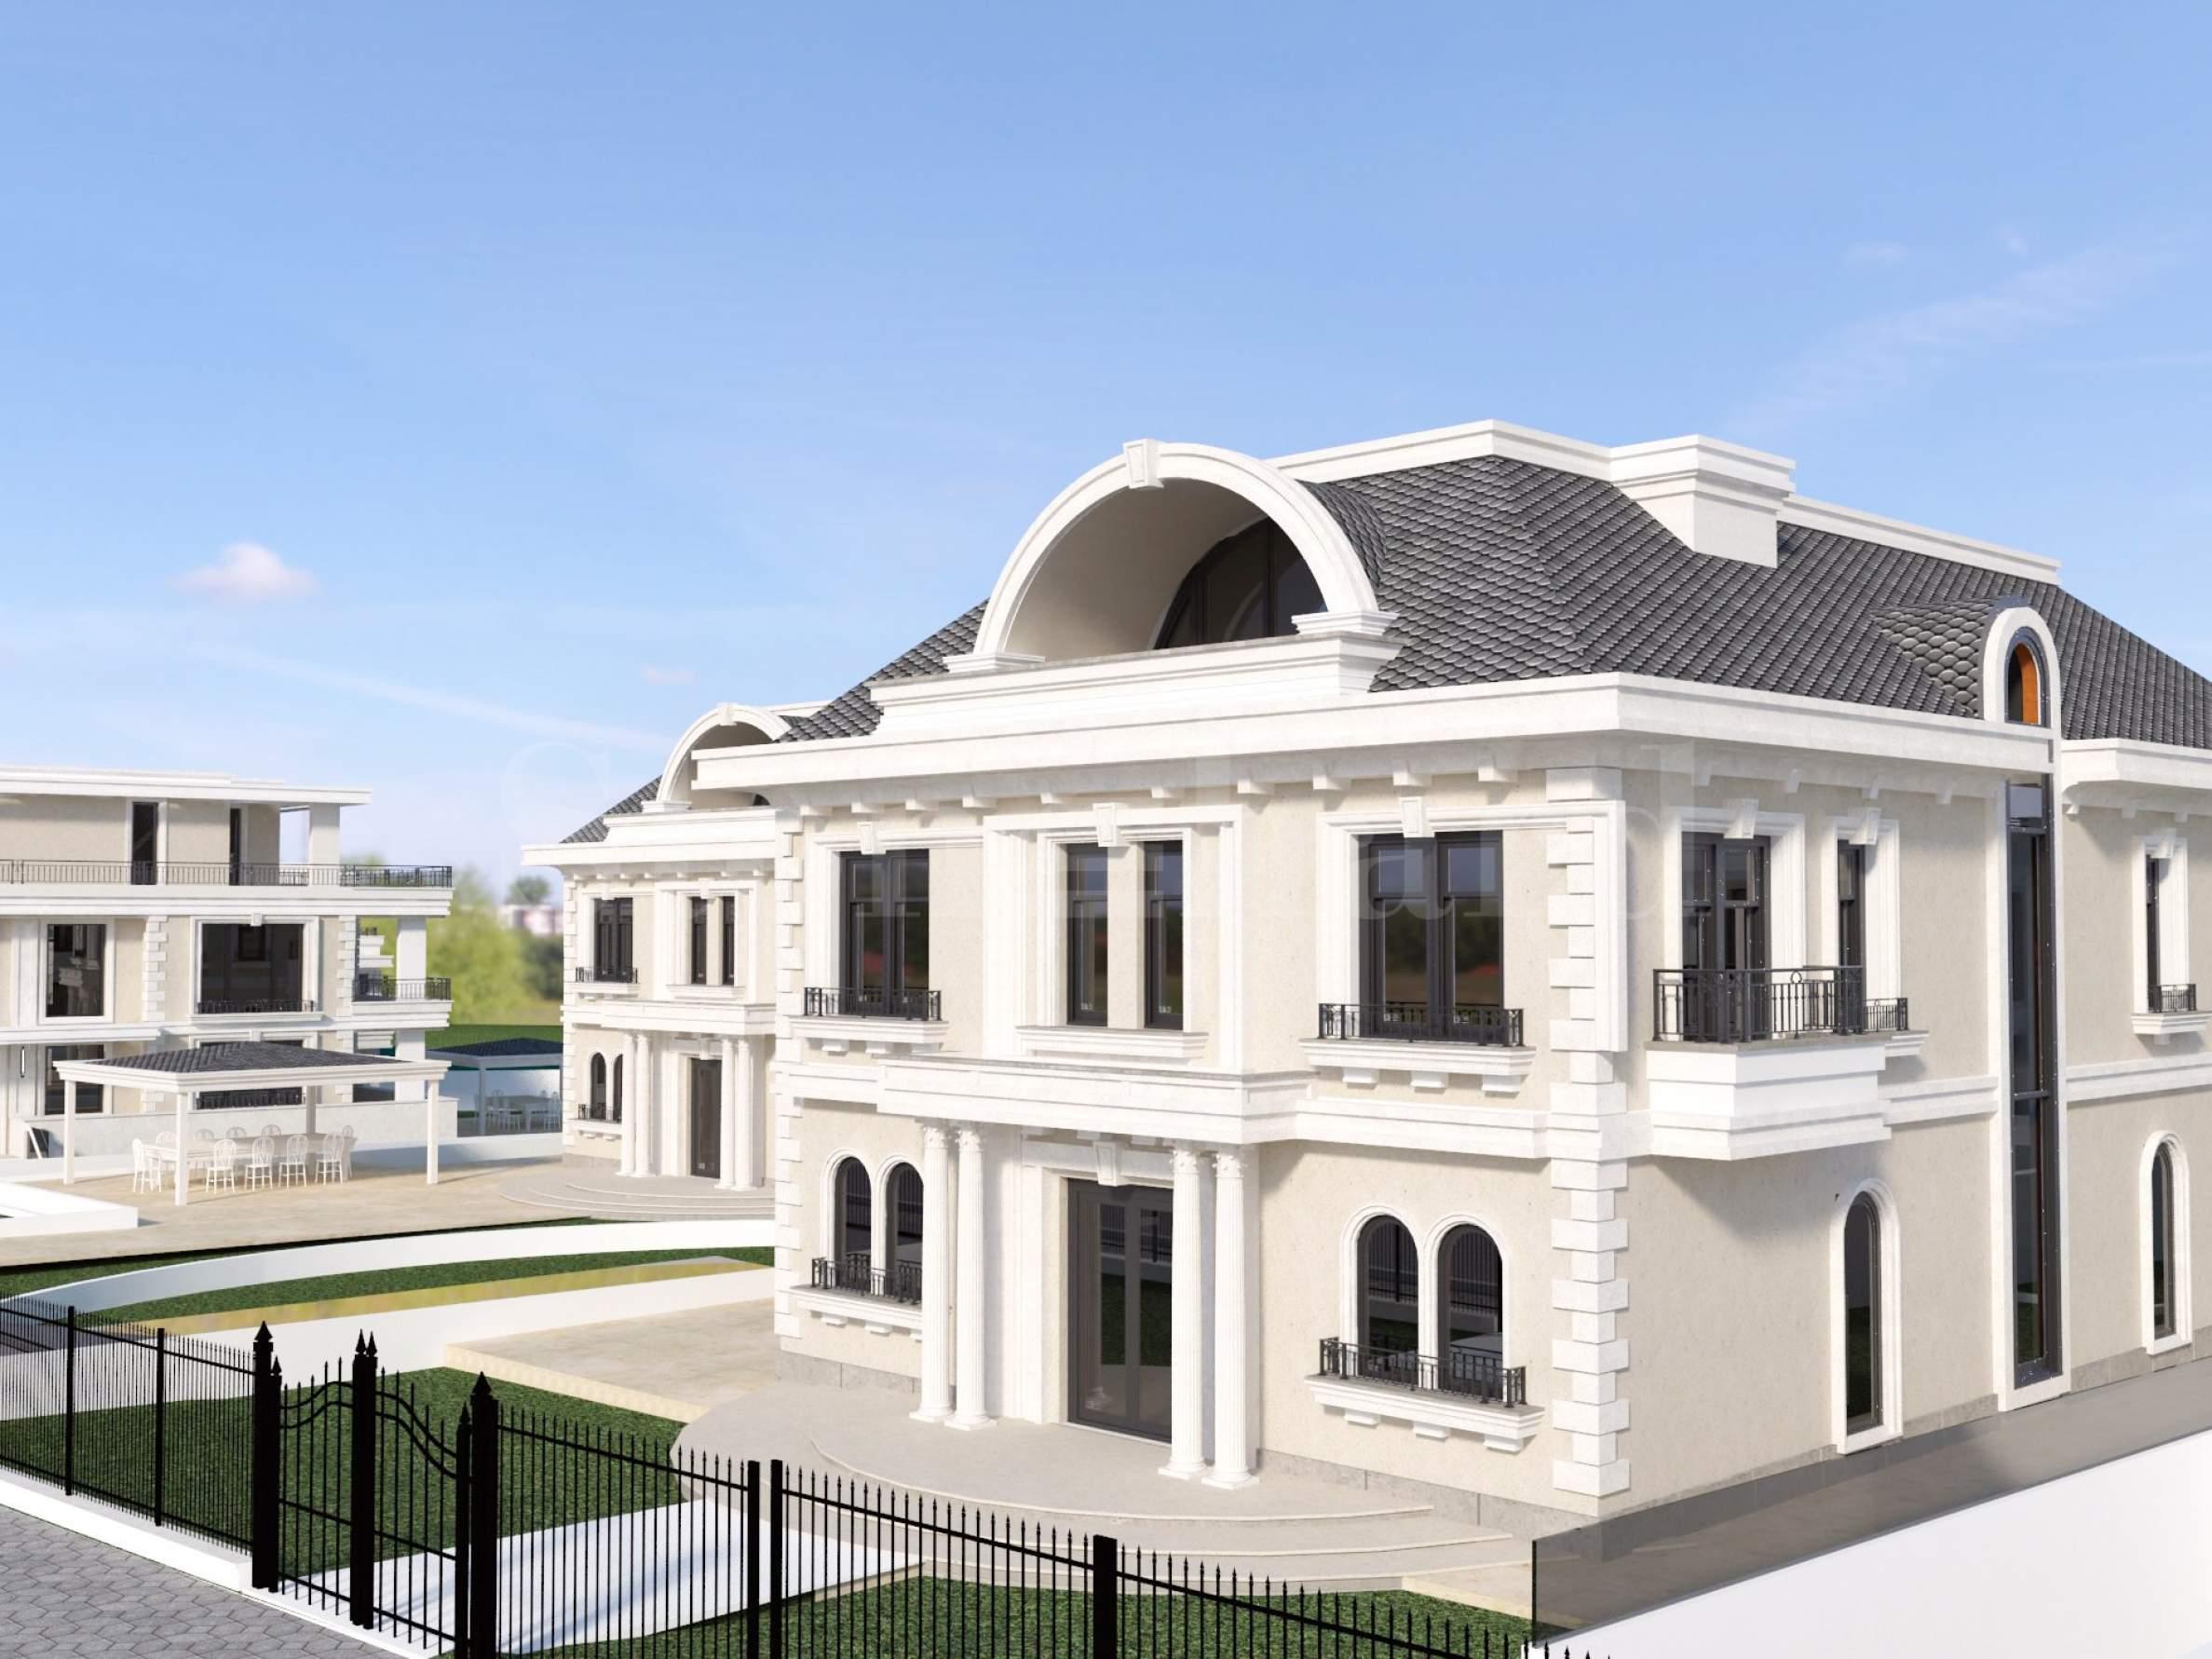 GOLDEN KEYS - нов жилищен комплекс в полите на Витоша1 - Stonehard